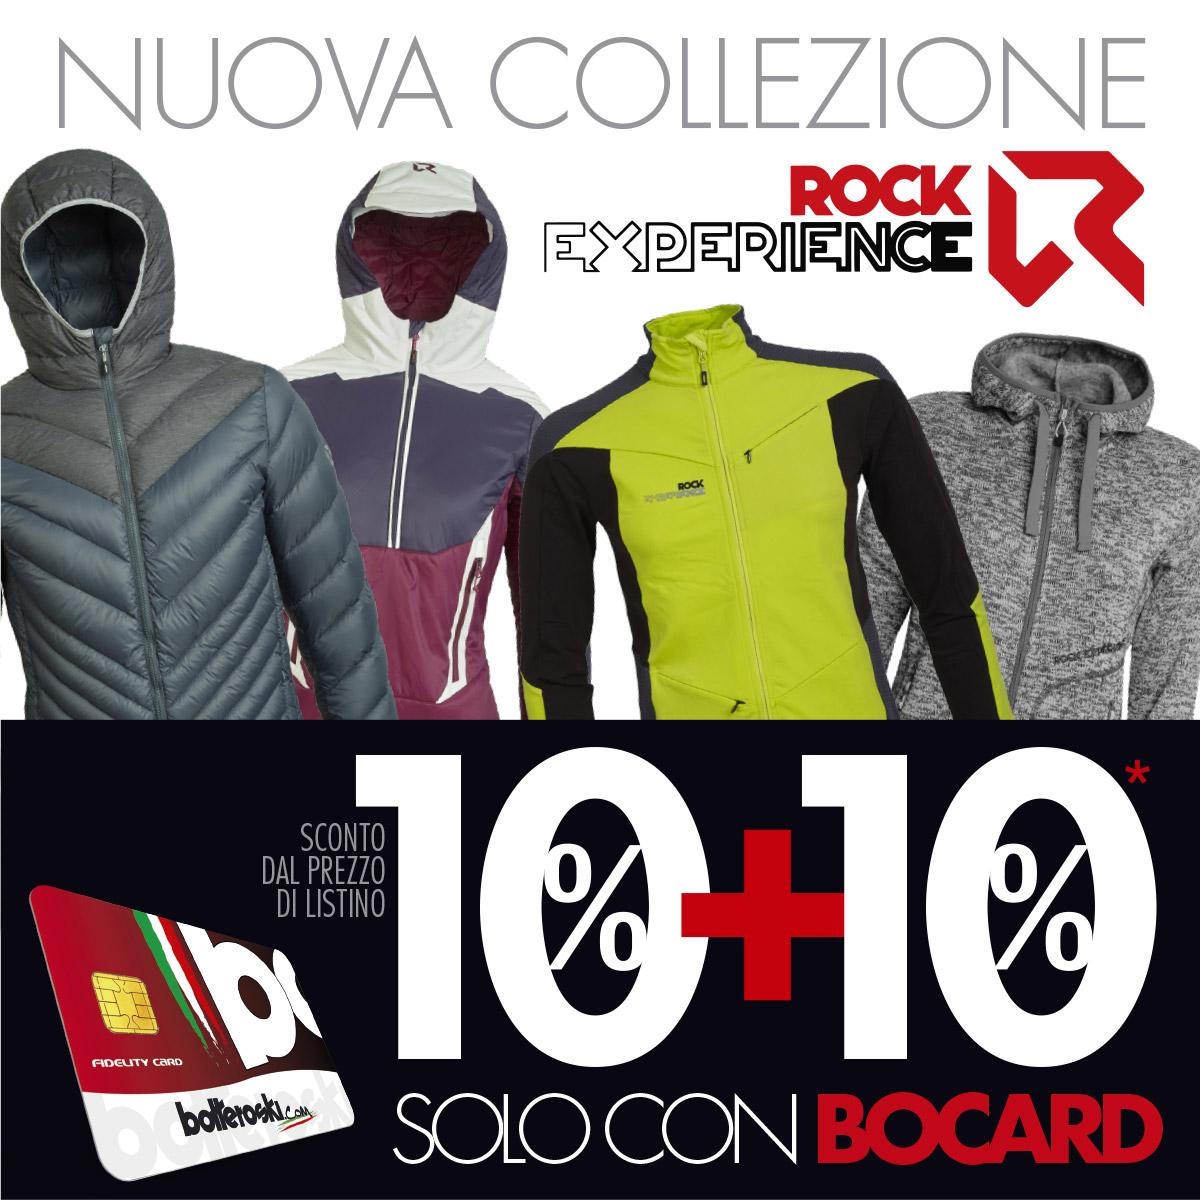 Promo-VERNANTE-ROCKEXPERIENCE-COLLEZIONE_Sconto10+10_BannerNewsletter